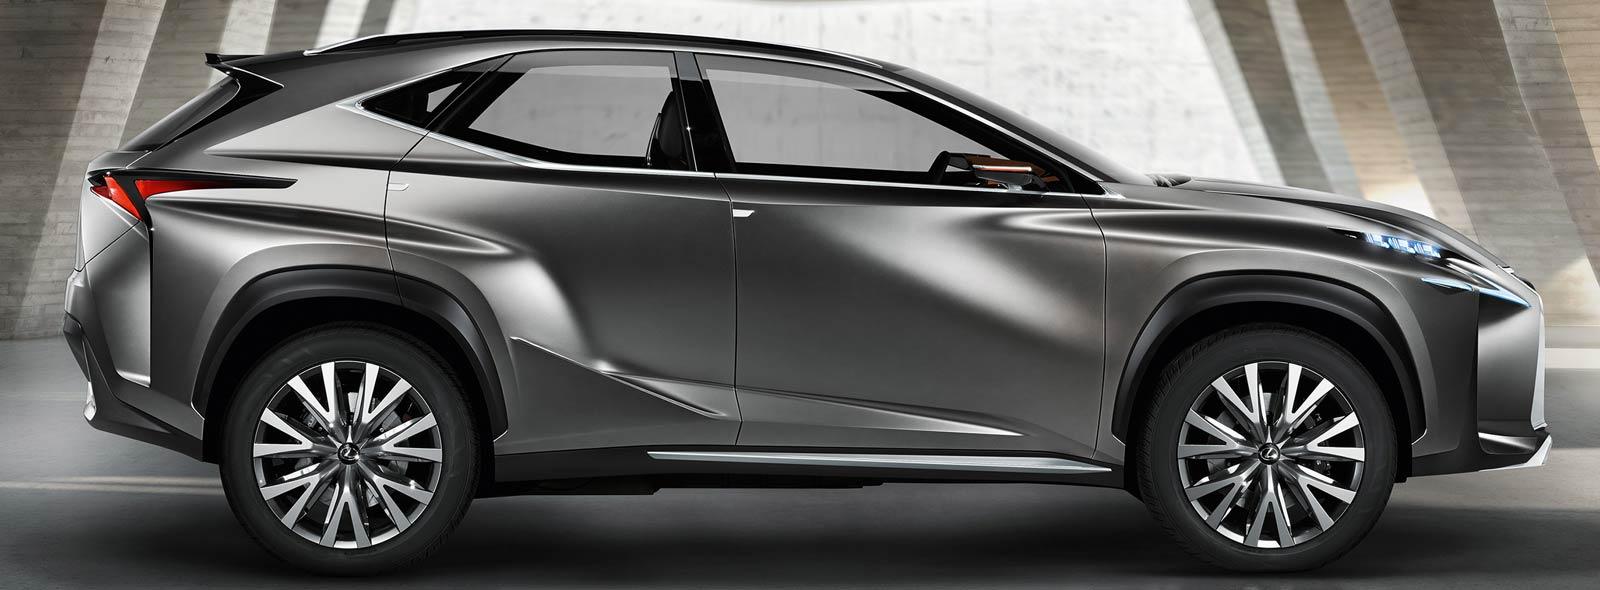 Вид сбоку на концепт кар Lexus LF NX